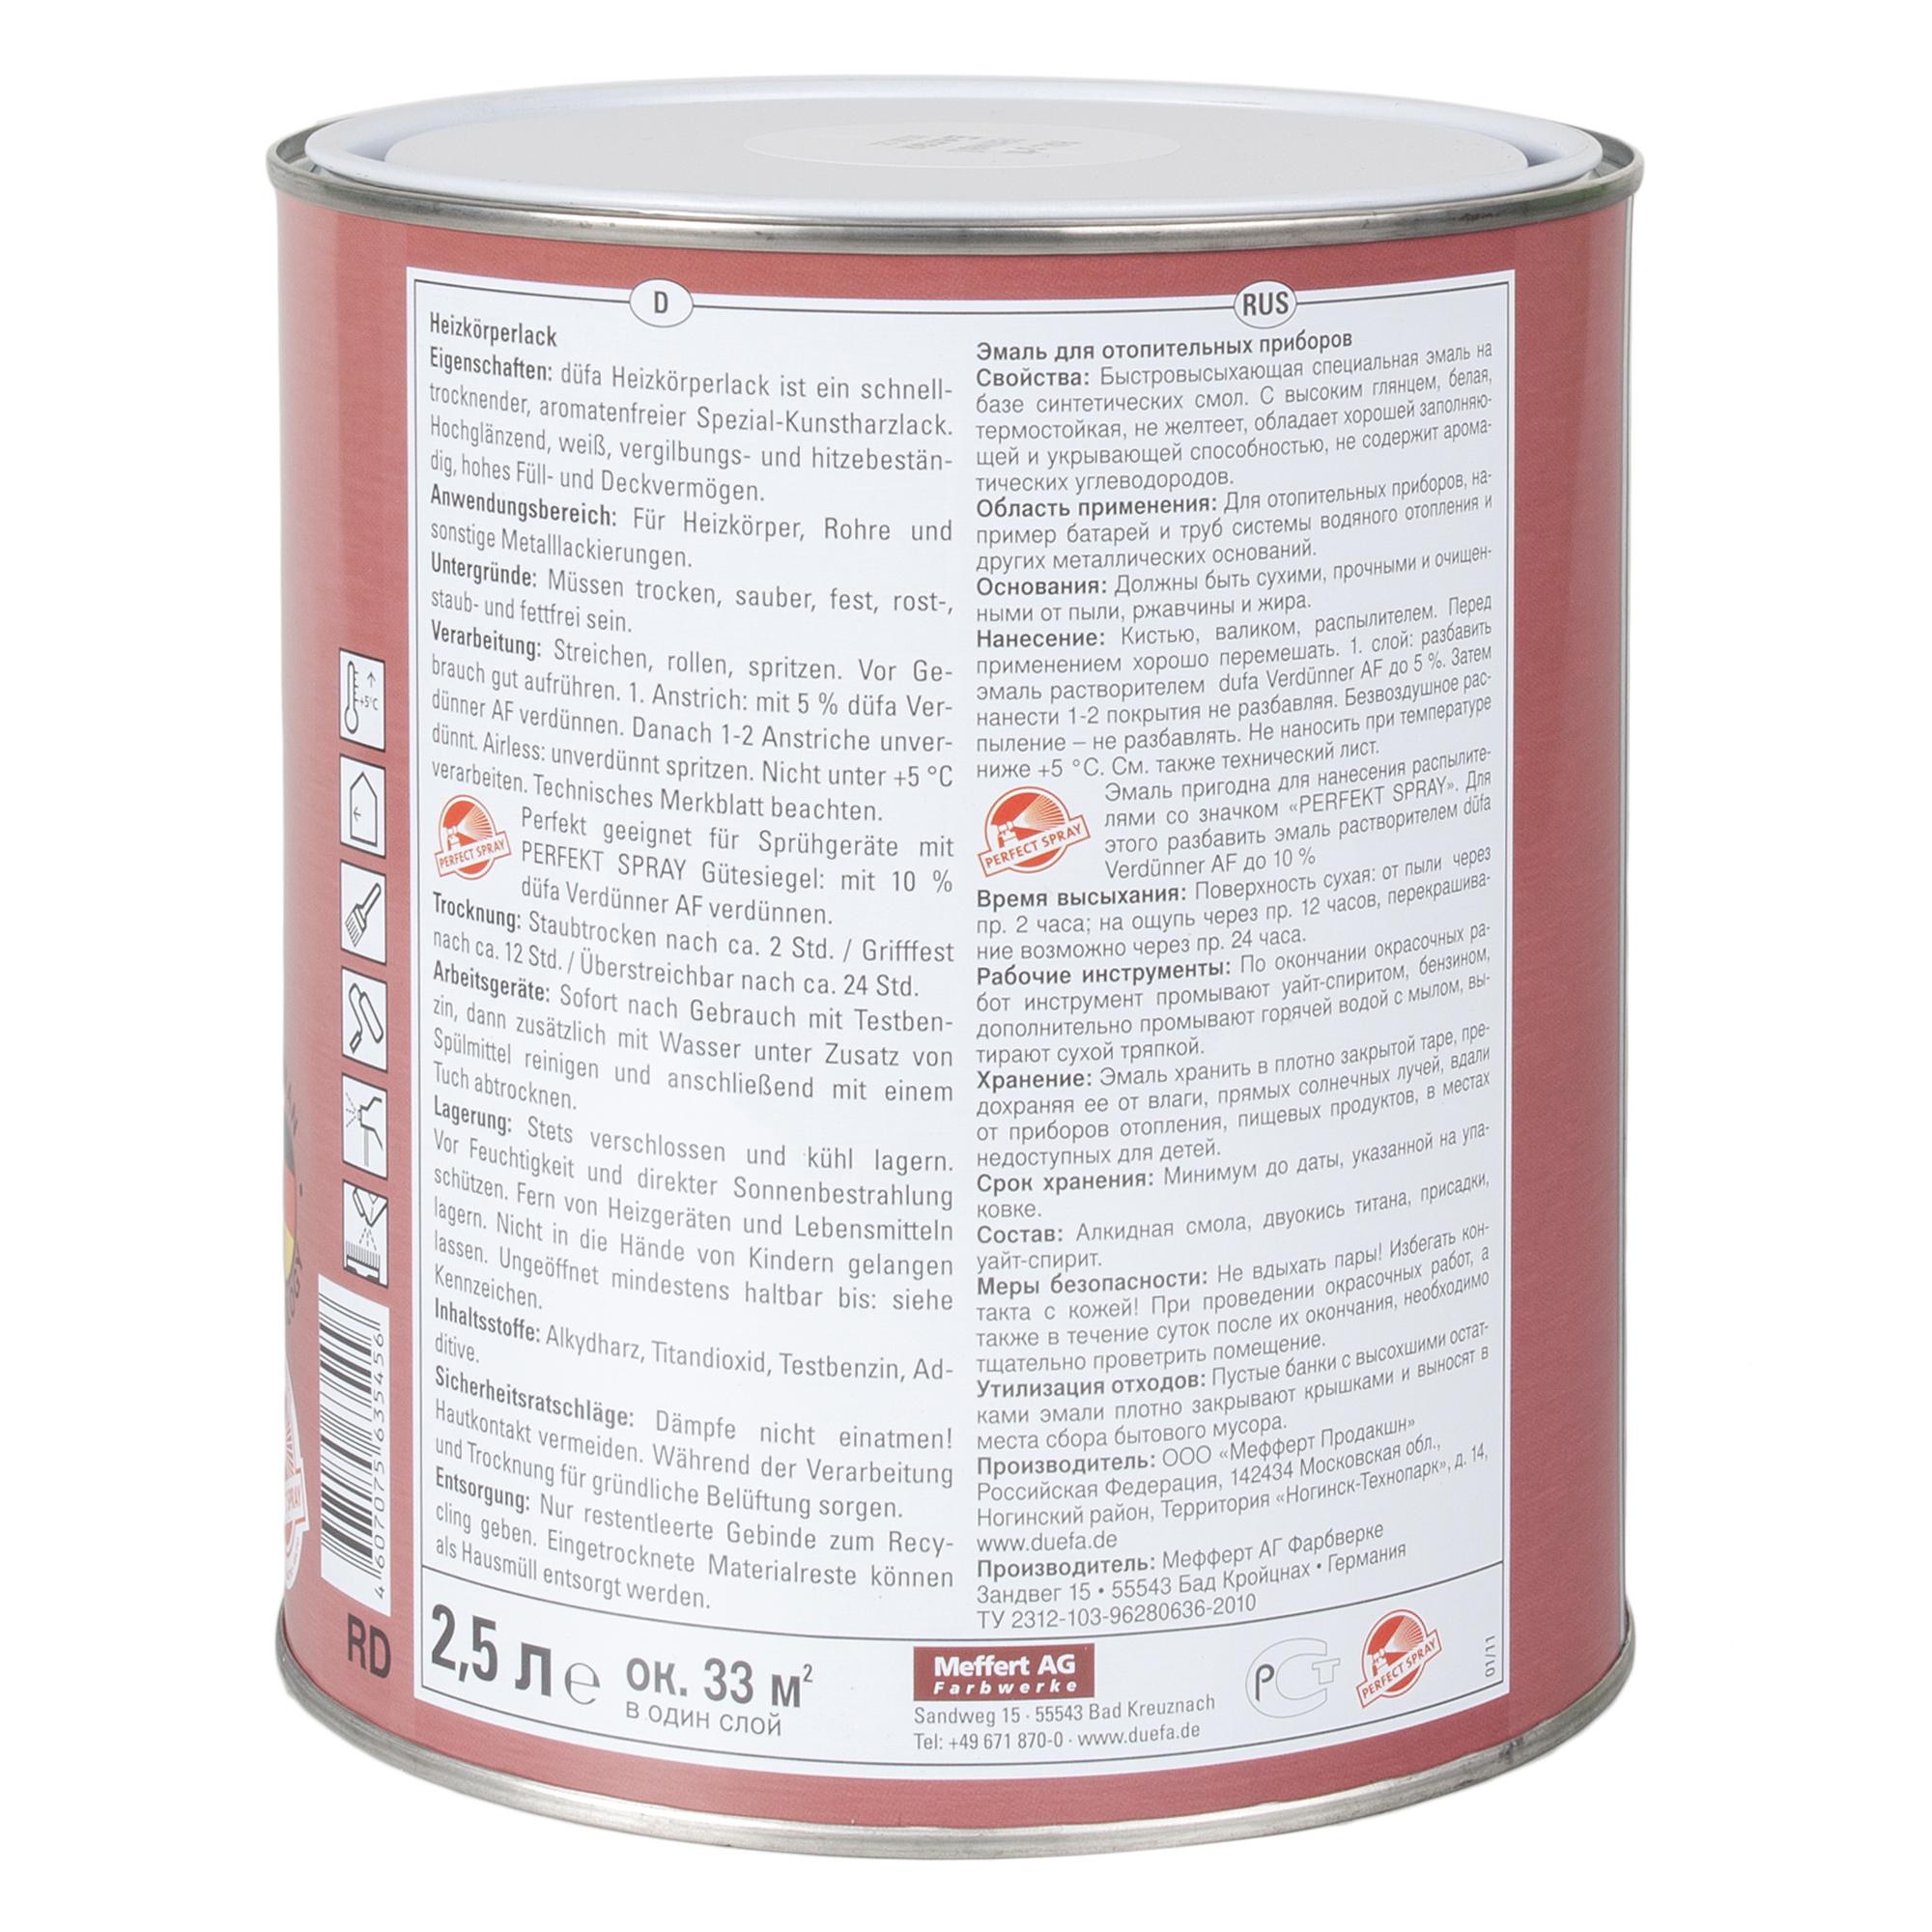 Алкидті шайырлар негізіндегі эмаль, құрамына функционалды қоспалар қосылған еріткіш кіреді: Dufa Heizkorperlack радиаторларға арналған эмаль, ақ түсті, 2,5 л